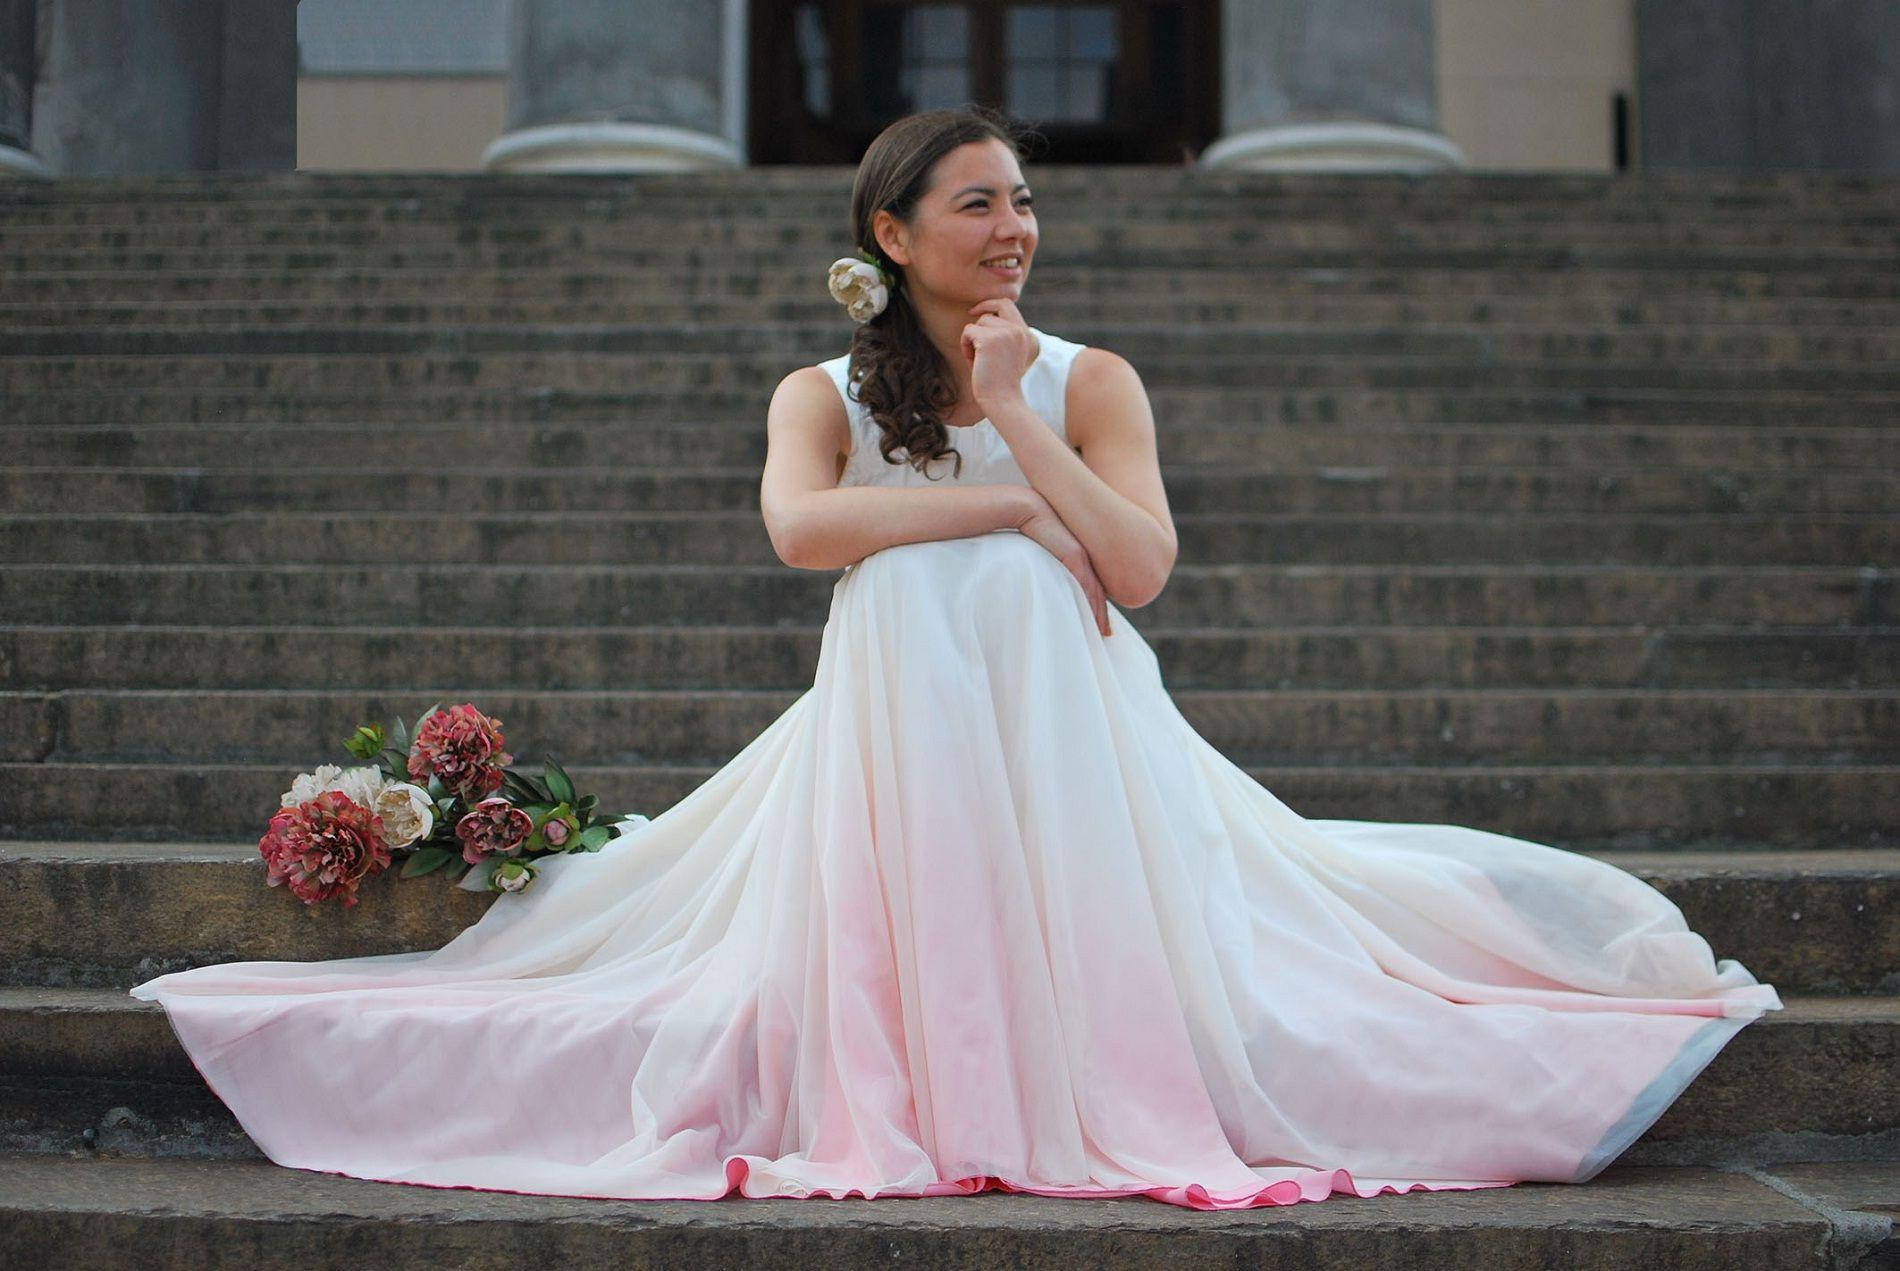 Vi innamorerete degli abiti da sposa 2017 dip-dyed